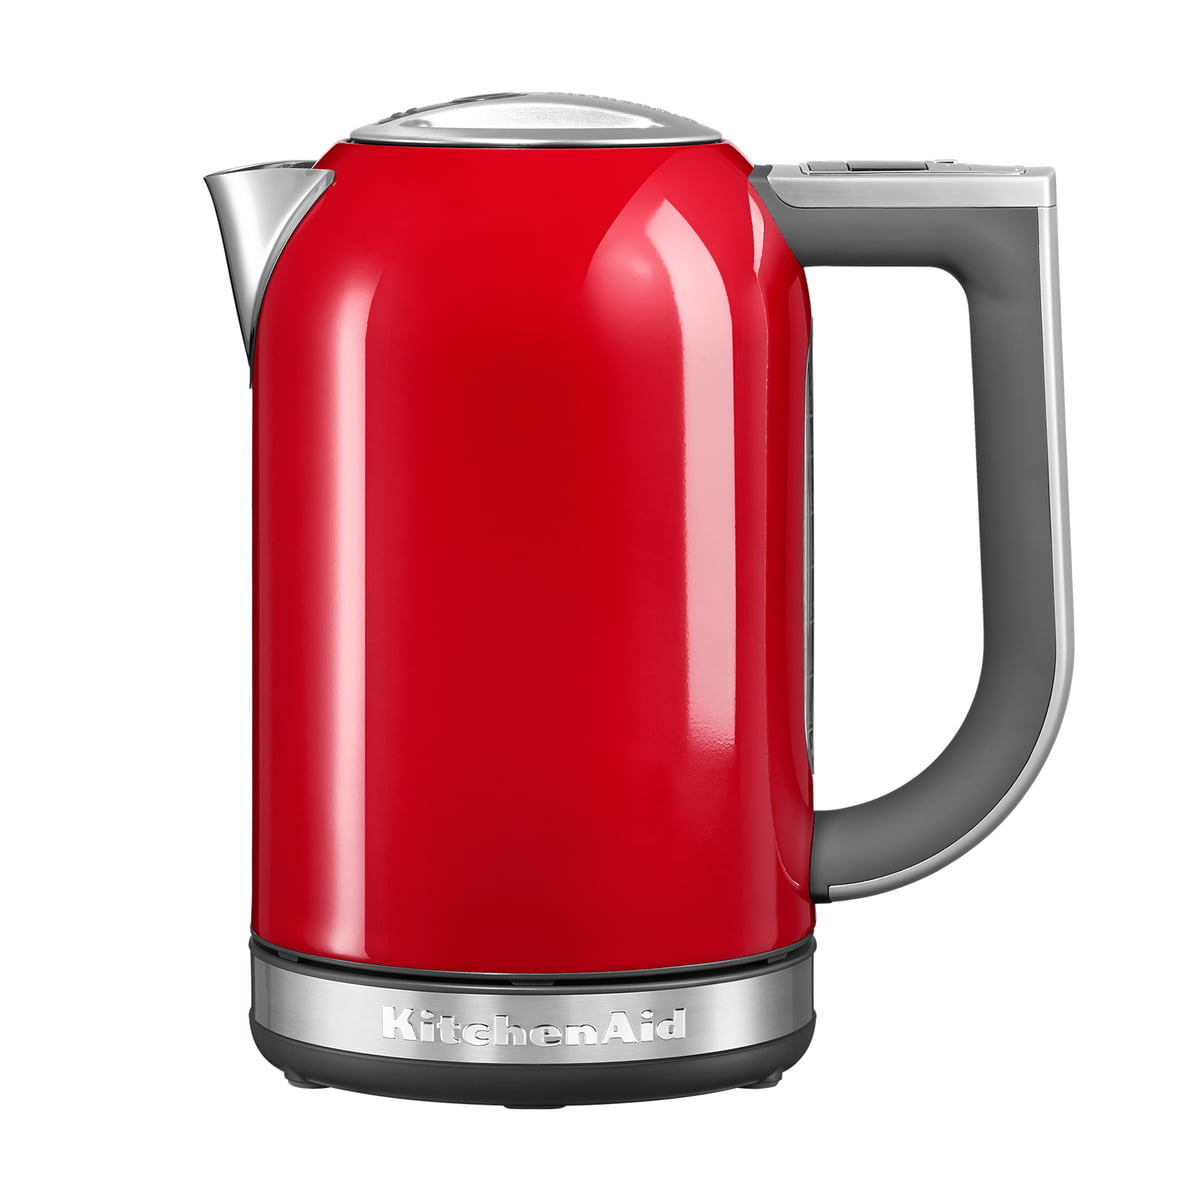 KitchenAid - Wasserkocher 1,7 l (5KEK1722), empire rot | Küche und Esszimmer > Küchengeräte > Wasserkocher | Kitchen Aid